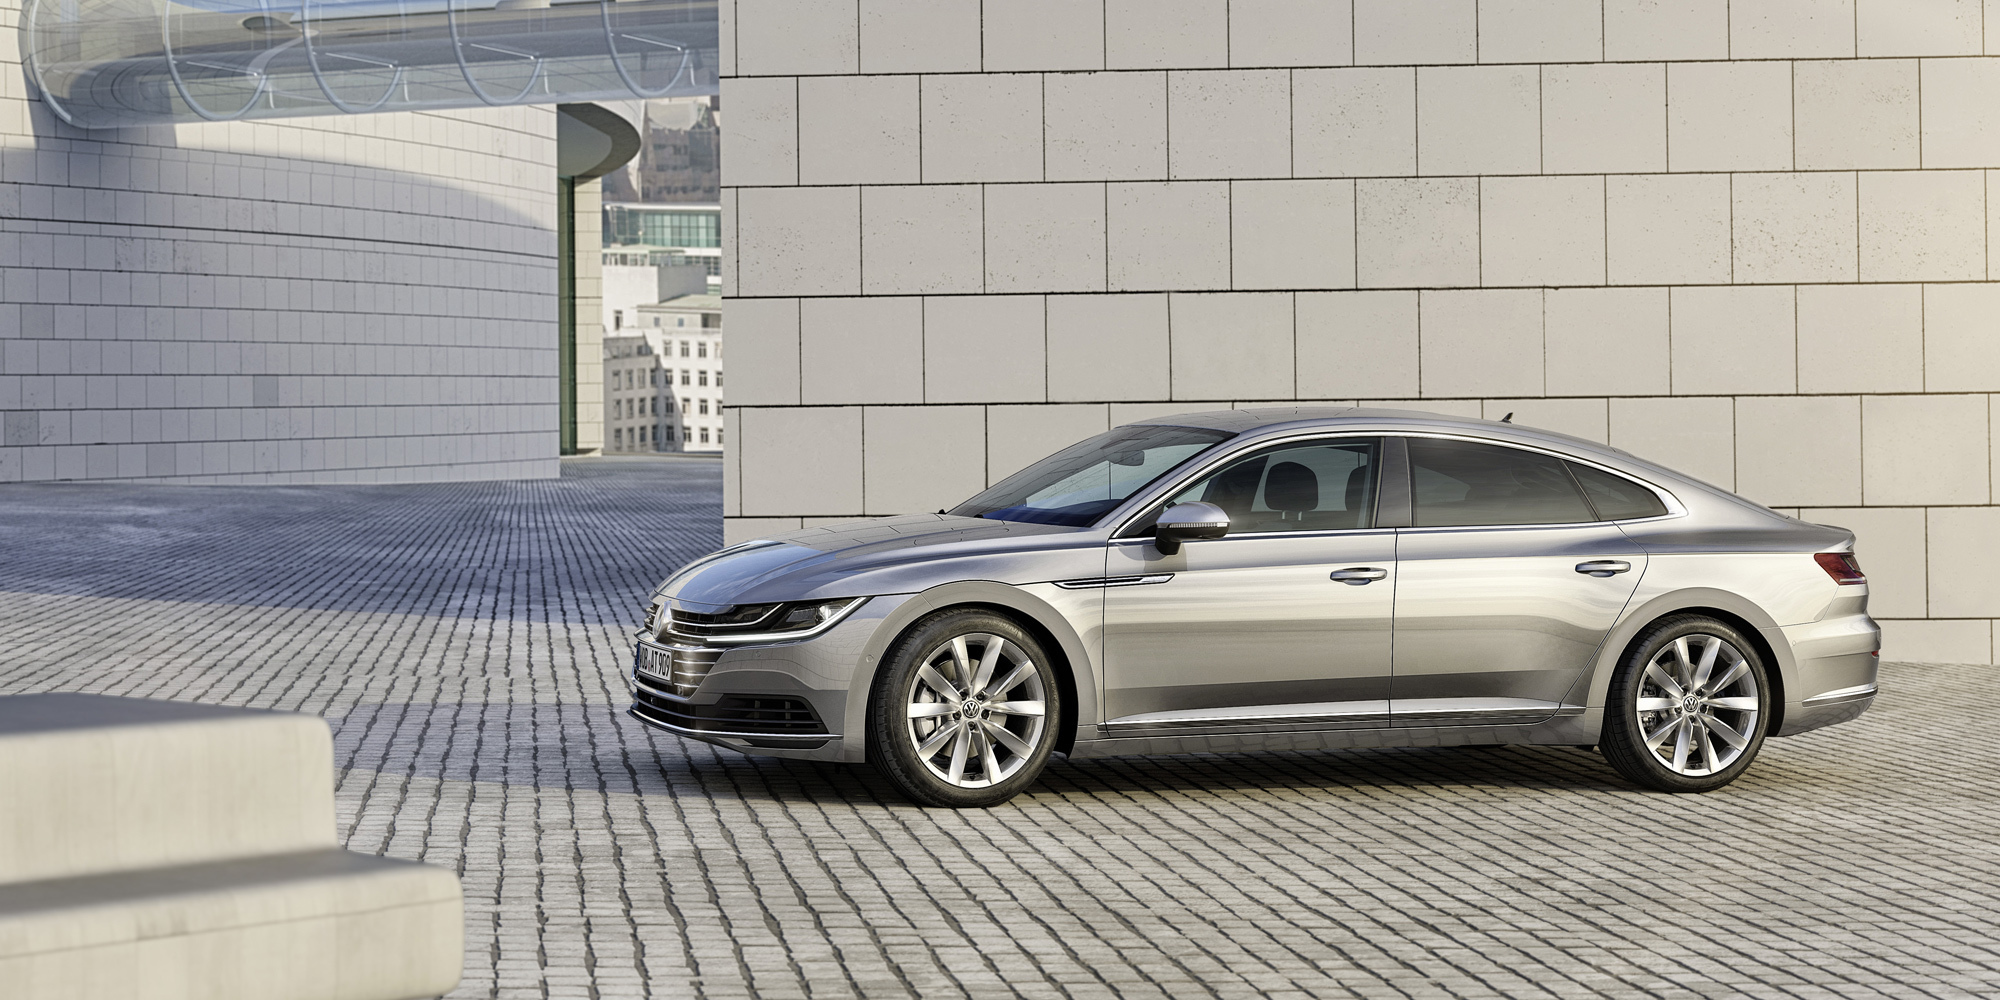 Volkswagen Arteon Wallpapers Images Photos Pictures